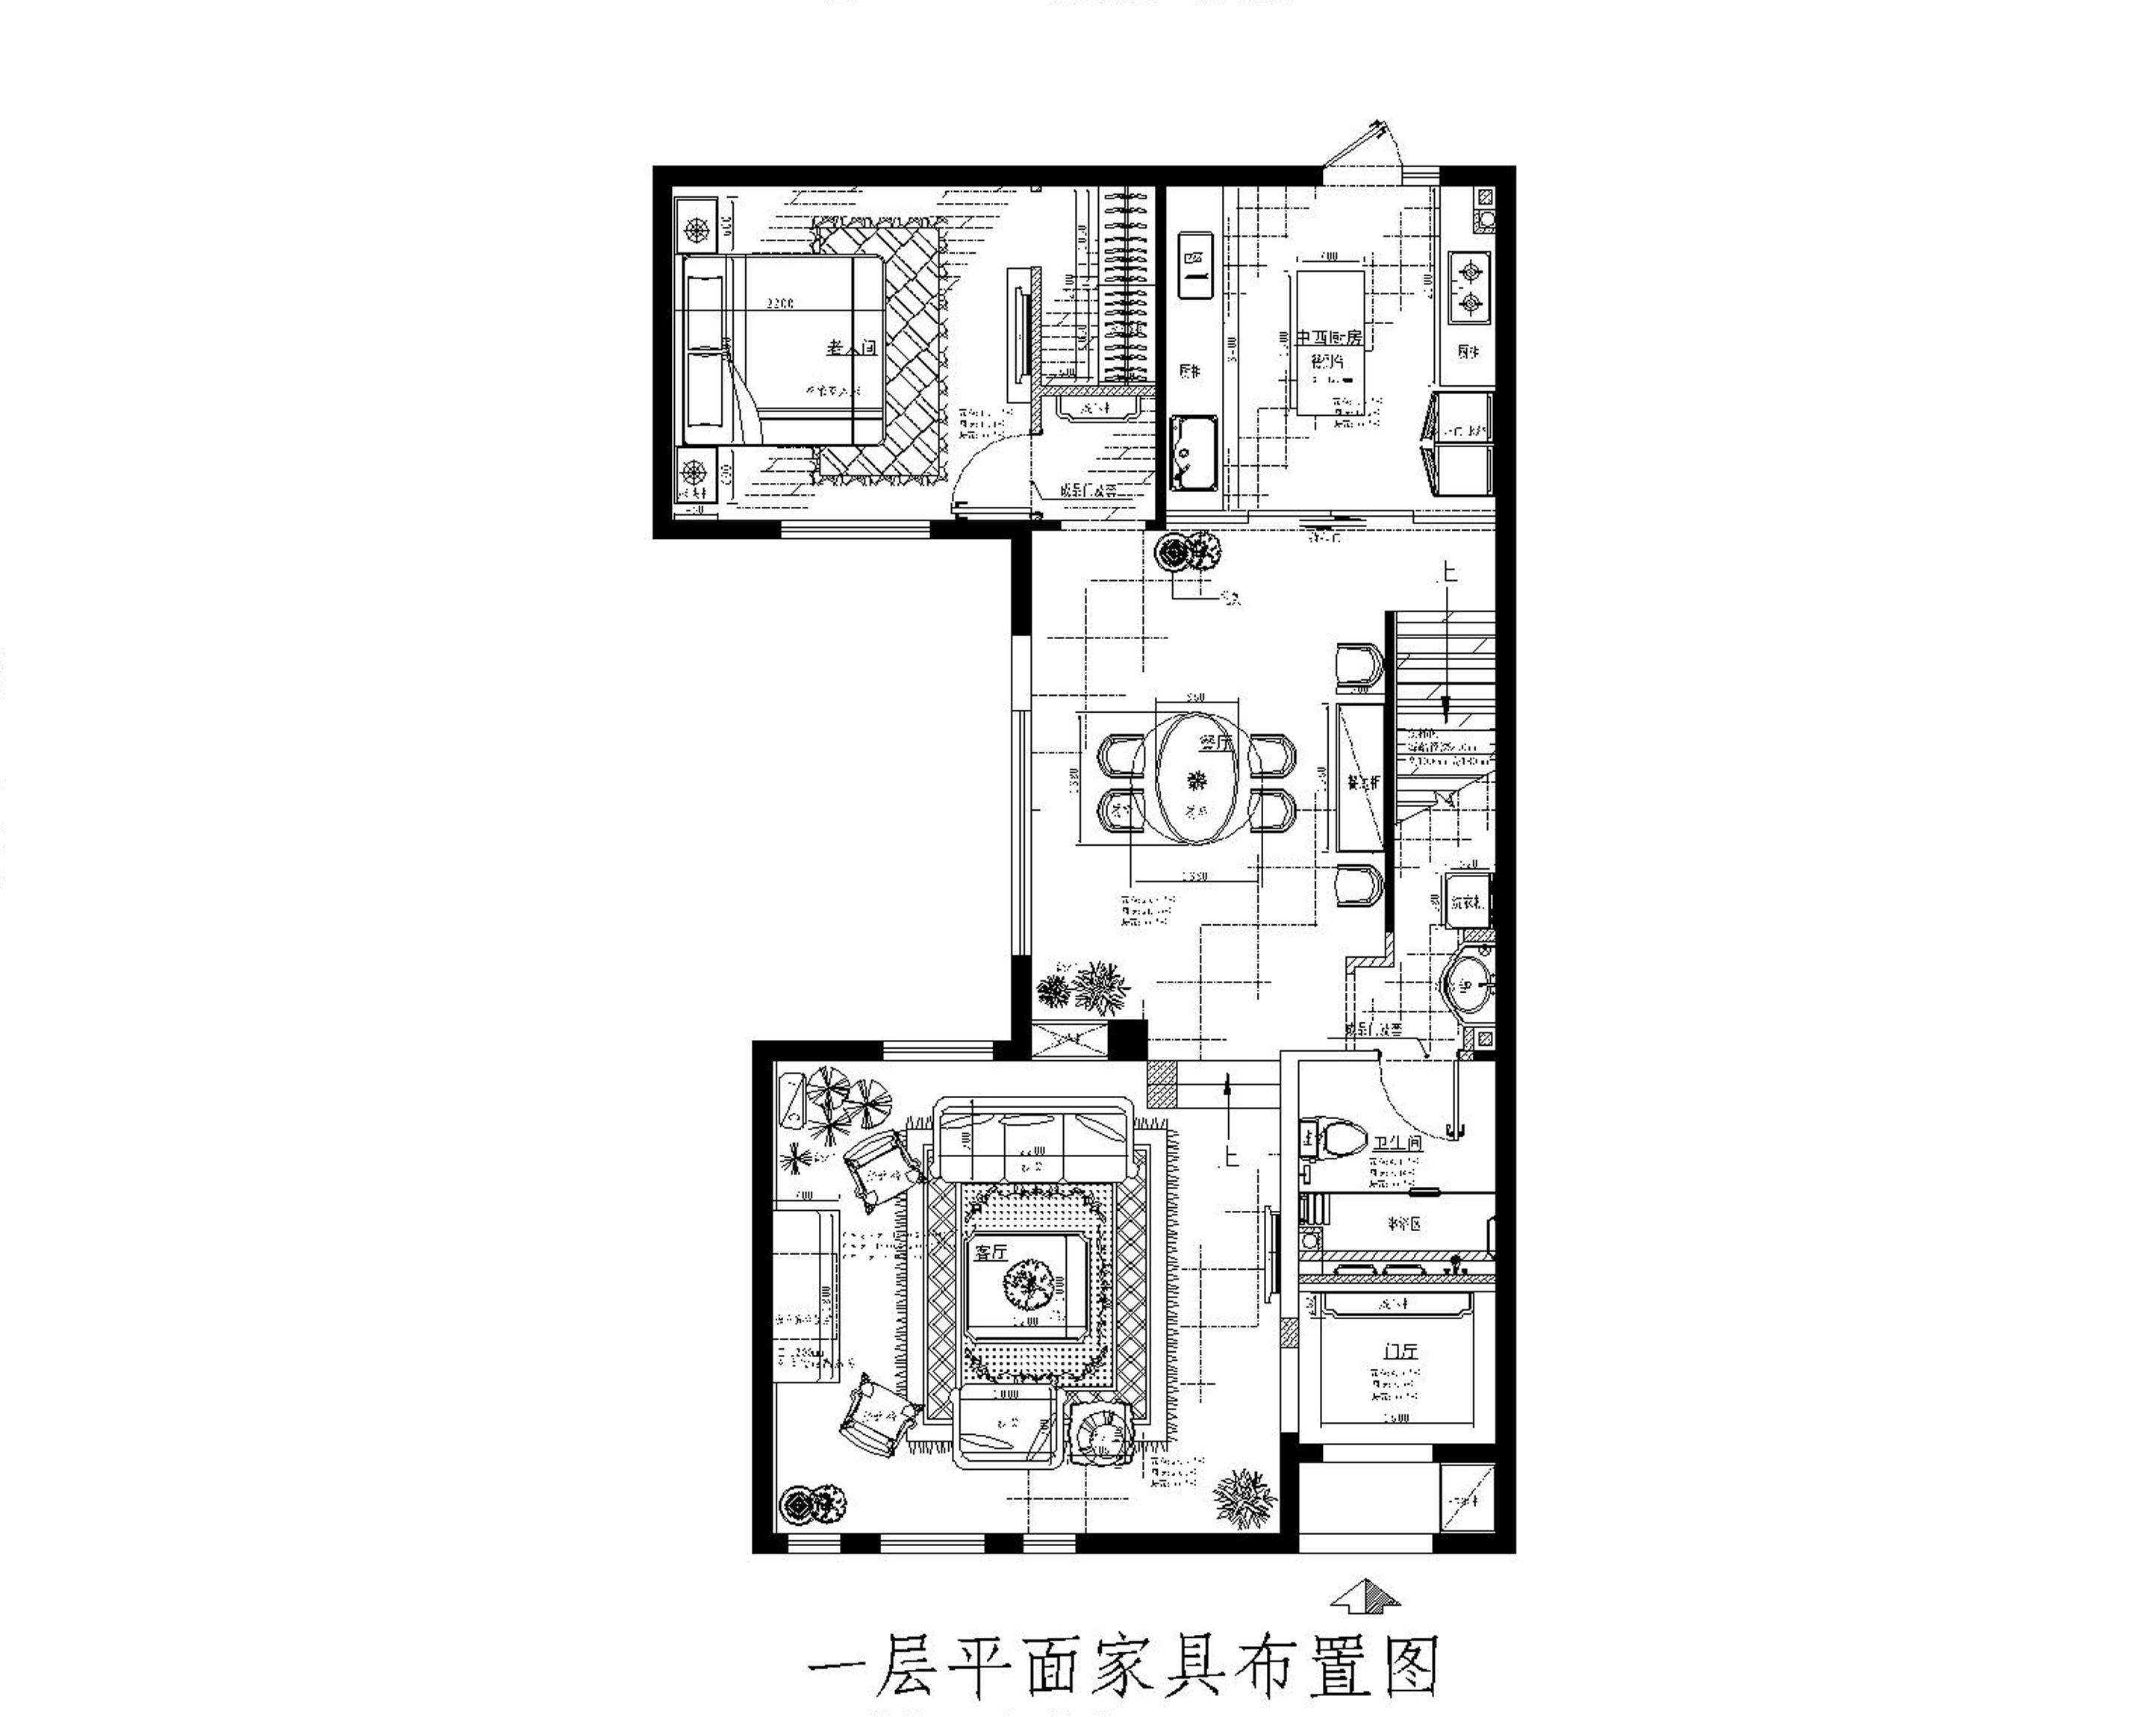 美式风格 别墅装修 精美别墅 美式 欧美风 80后 企业家 旧房改造 实创装饰 户型图图片来自北京实创装饰在250㎡美式别墅装修实际案例的分享